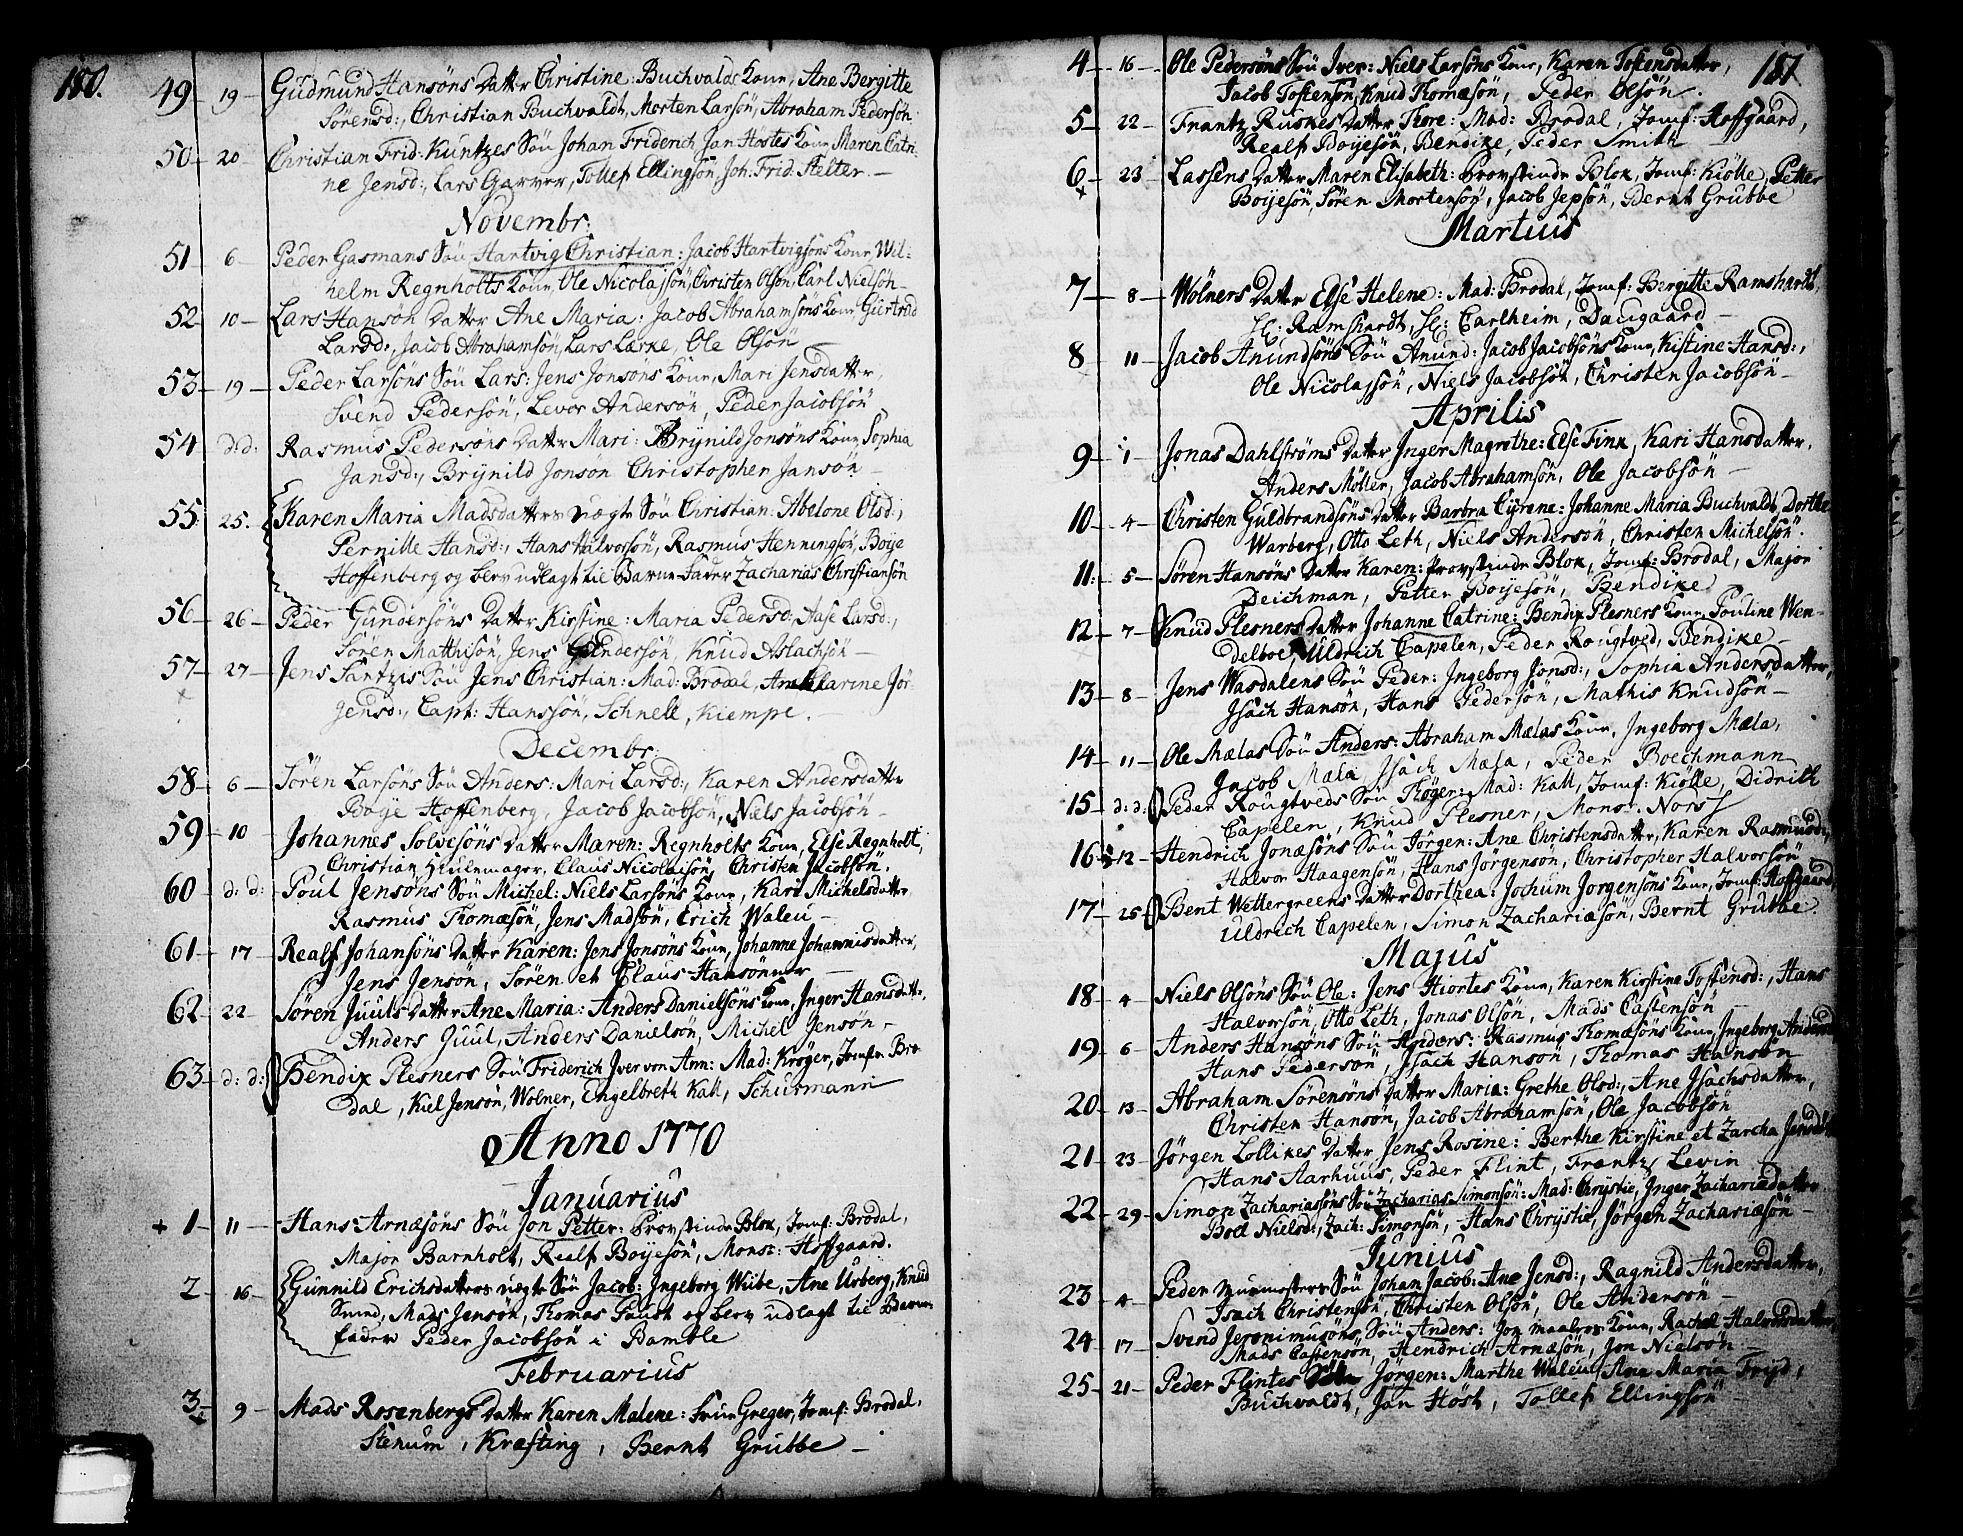 SAKO, Skien kirkebøker, F/Fa/L0003: Ministerialbok nr. 3, 1755-1791, s. 180-181